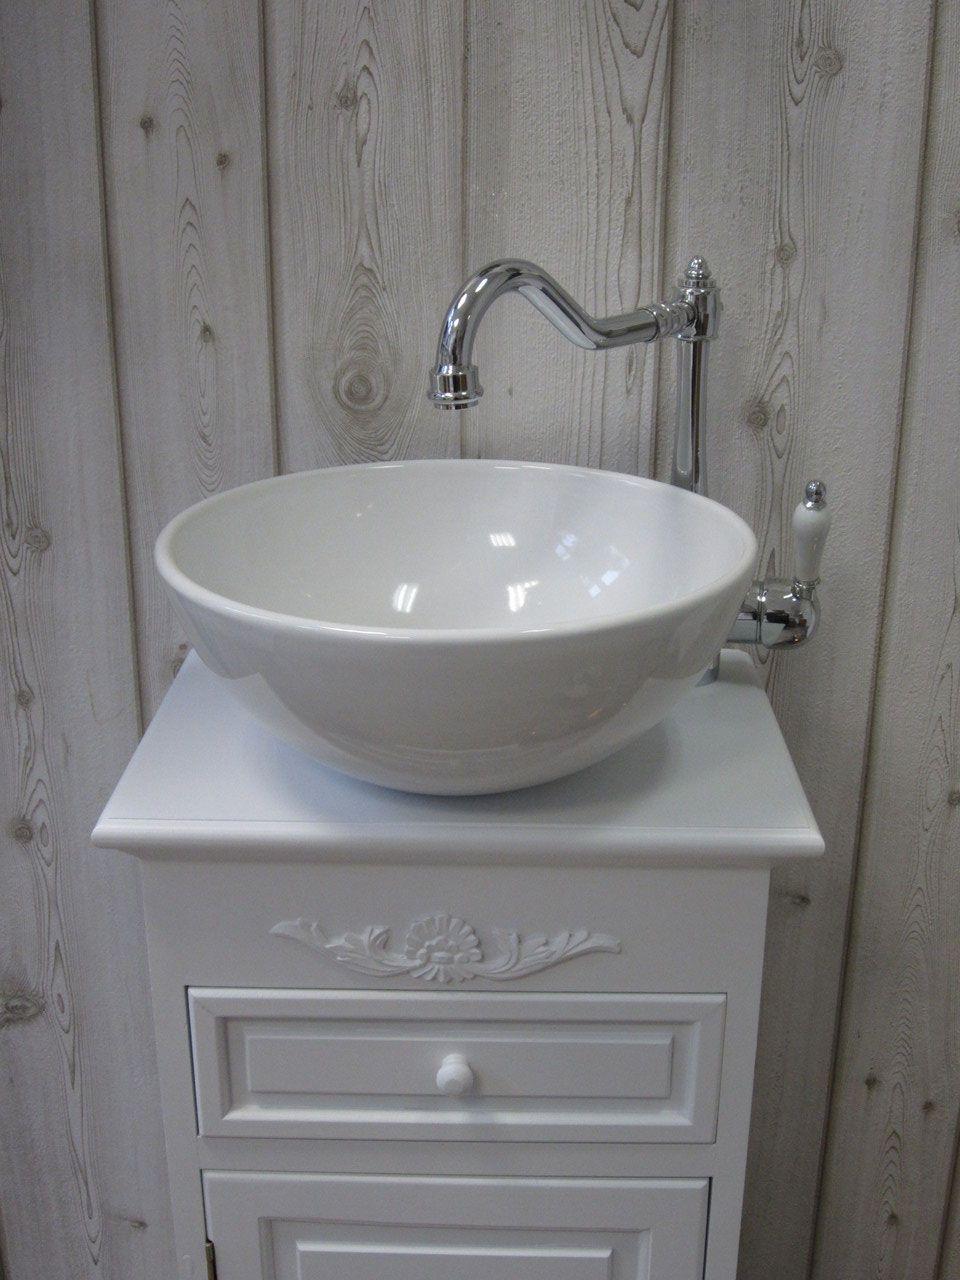 Gastewaschtische Und Kleine Waschtische Fur Ein Wohnliches Badezimmer Landhaus Nostalgie Vintage R Badezimmer Dekor Bauernhaus Badezimmer Waschtisch Klein